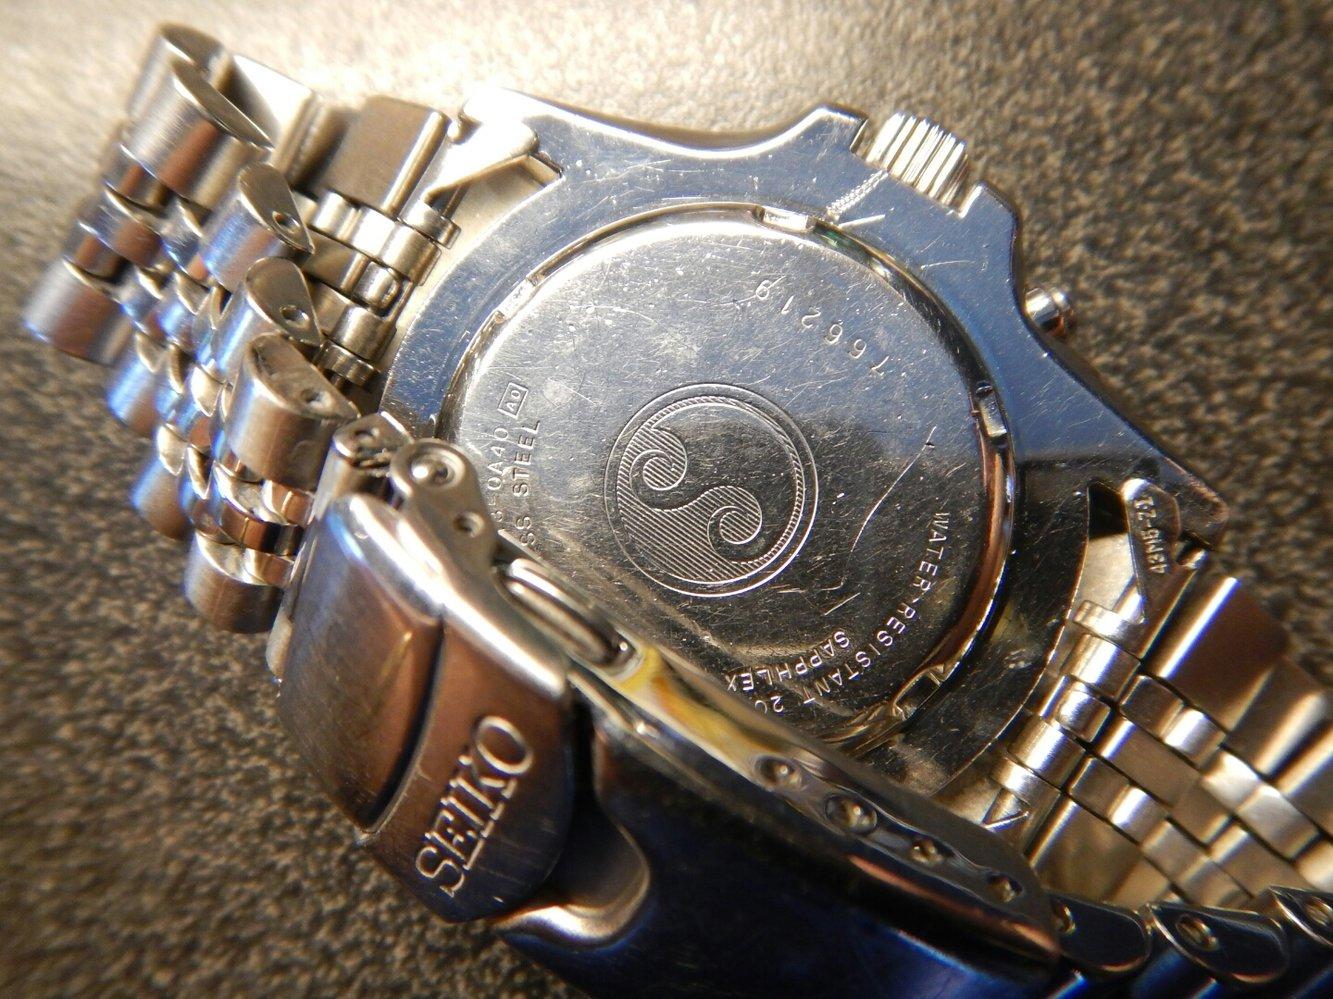 DSCN0977.JPG